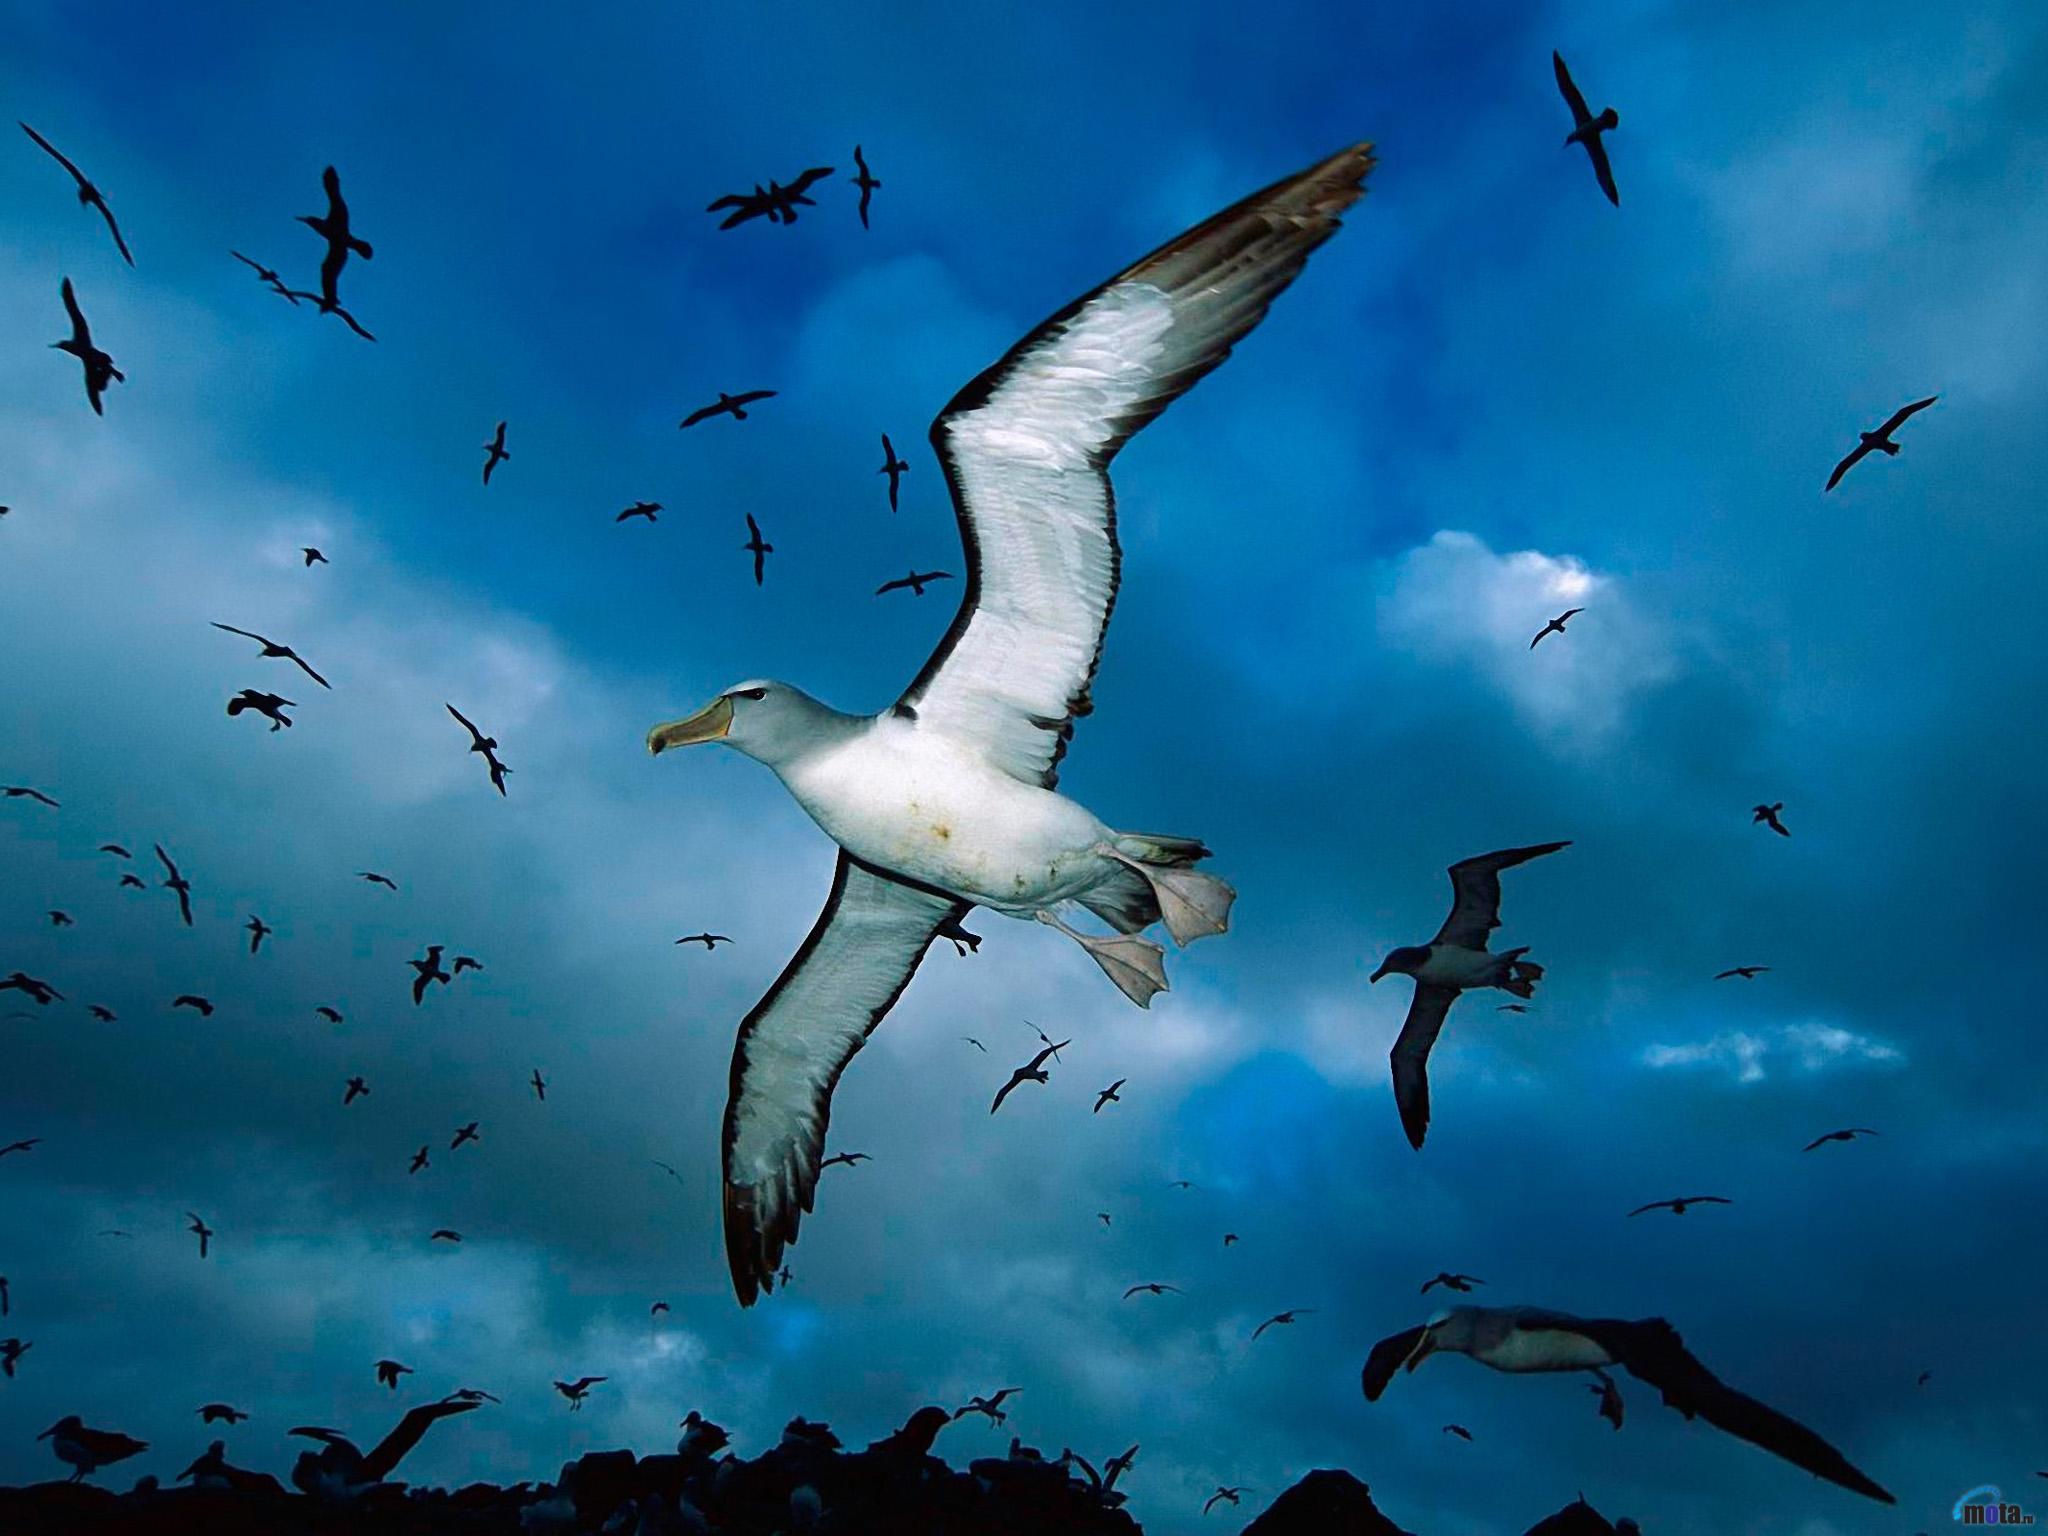 защитить картинки летящих птиц это лучше